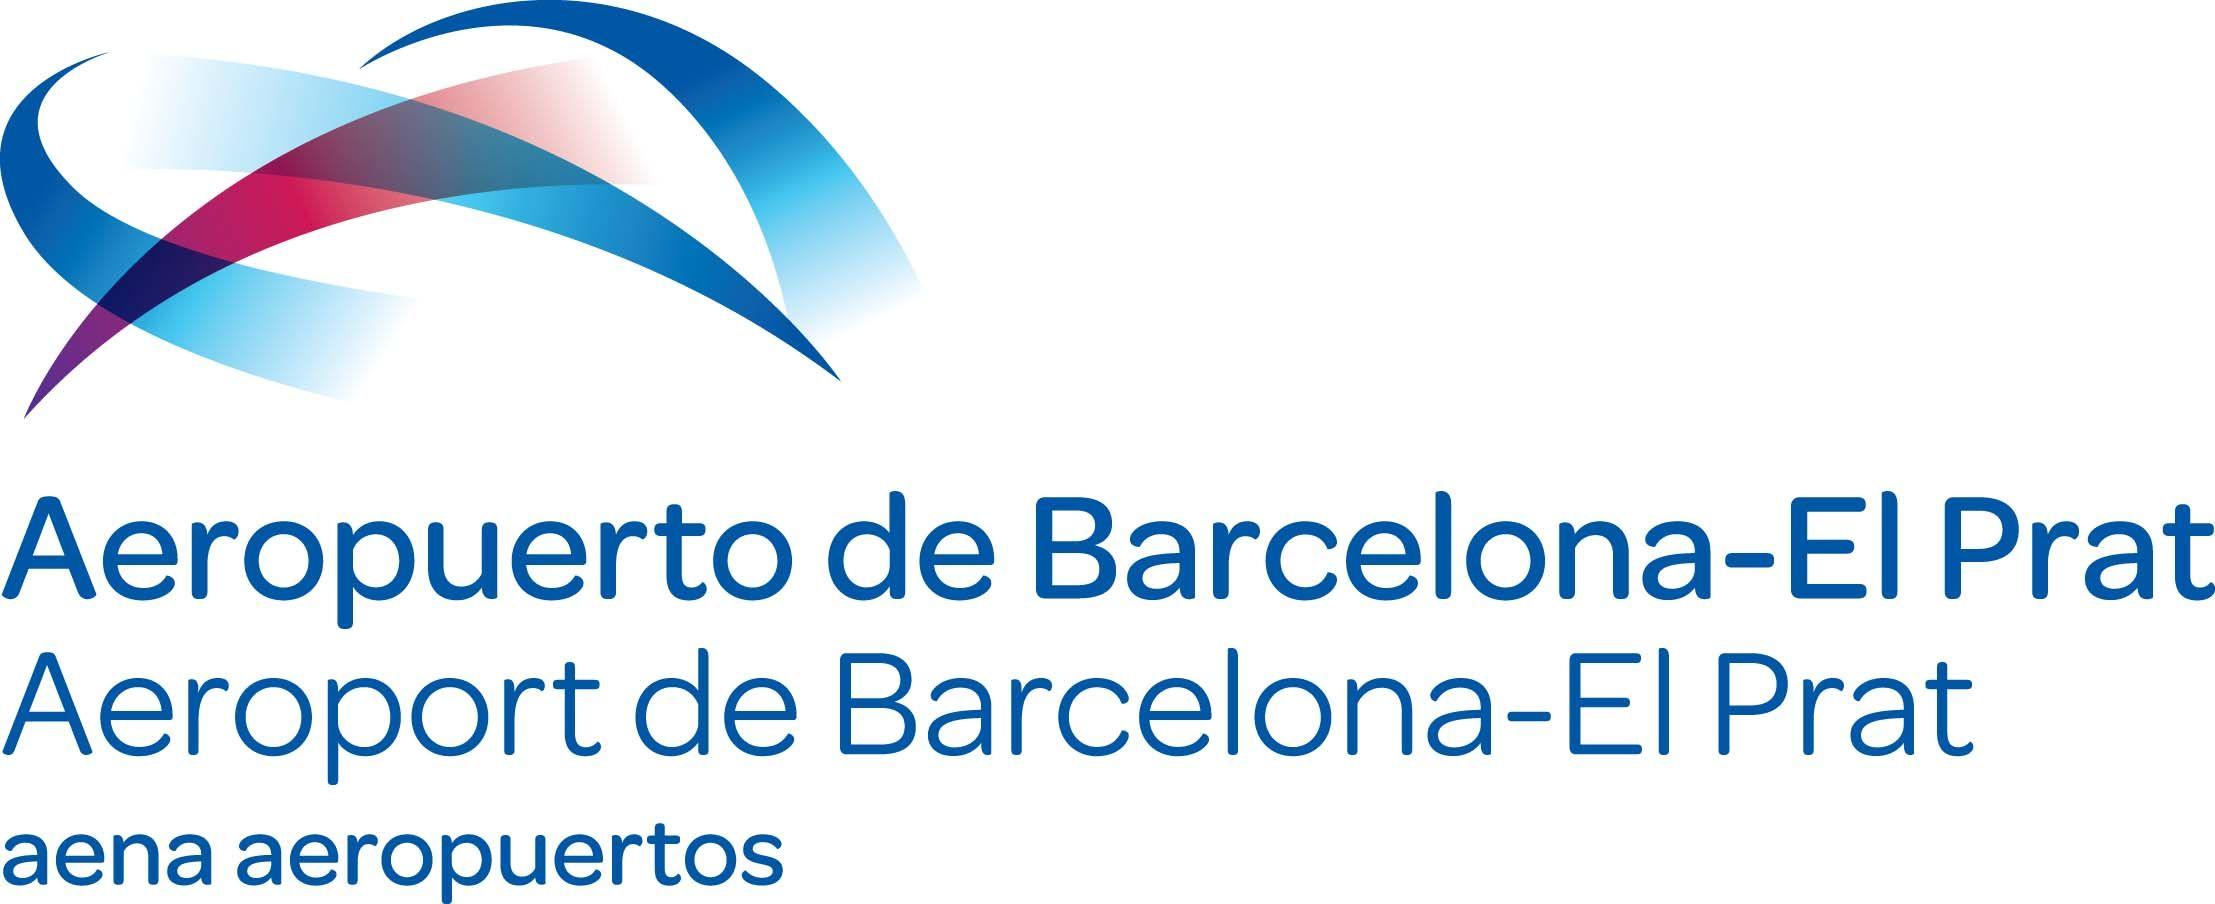 Image result for aeropuerto barcelona-el prat logo